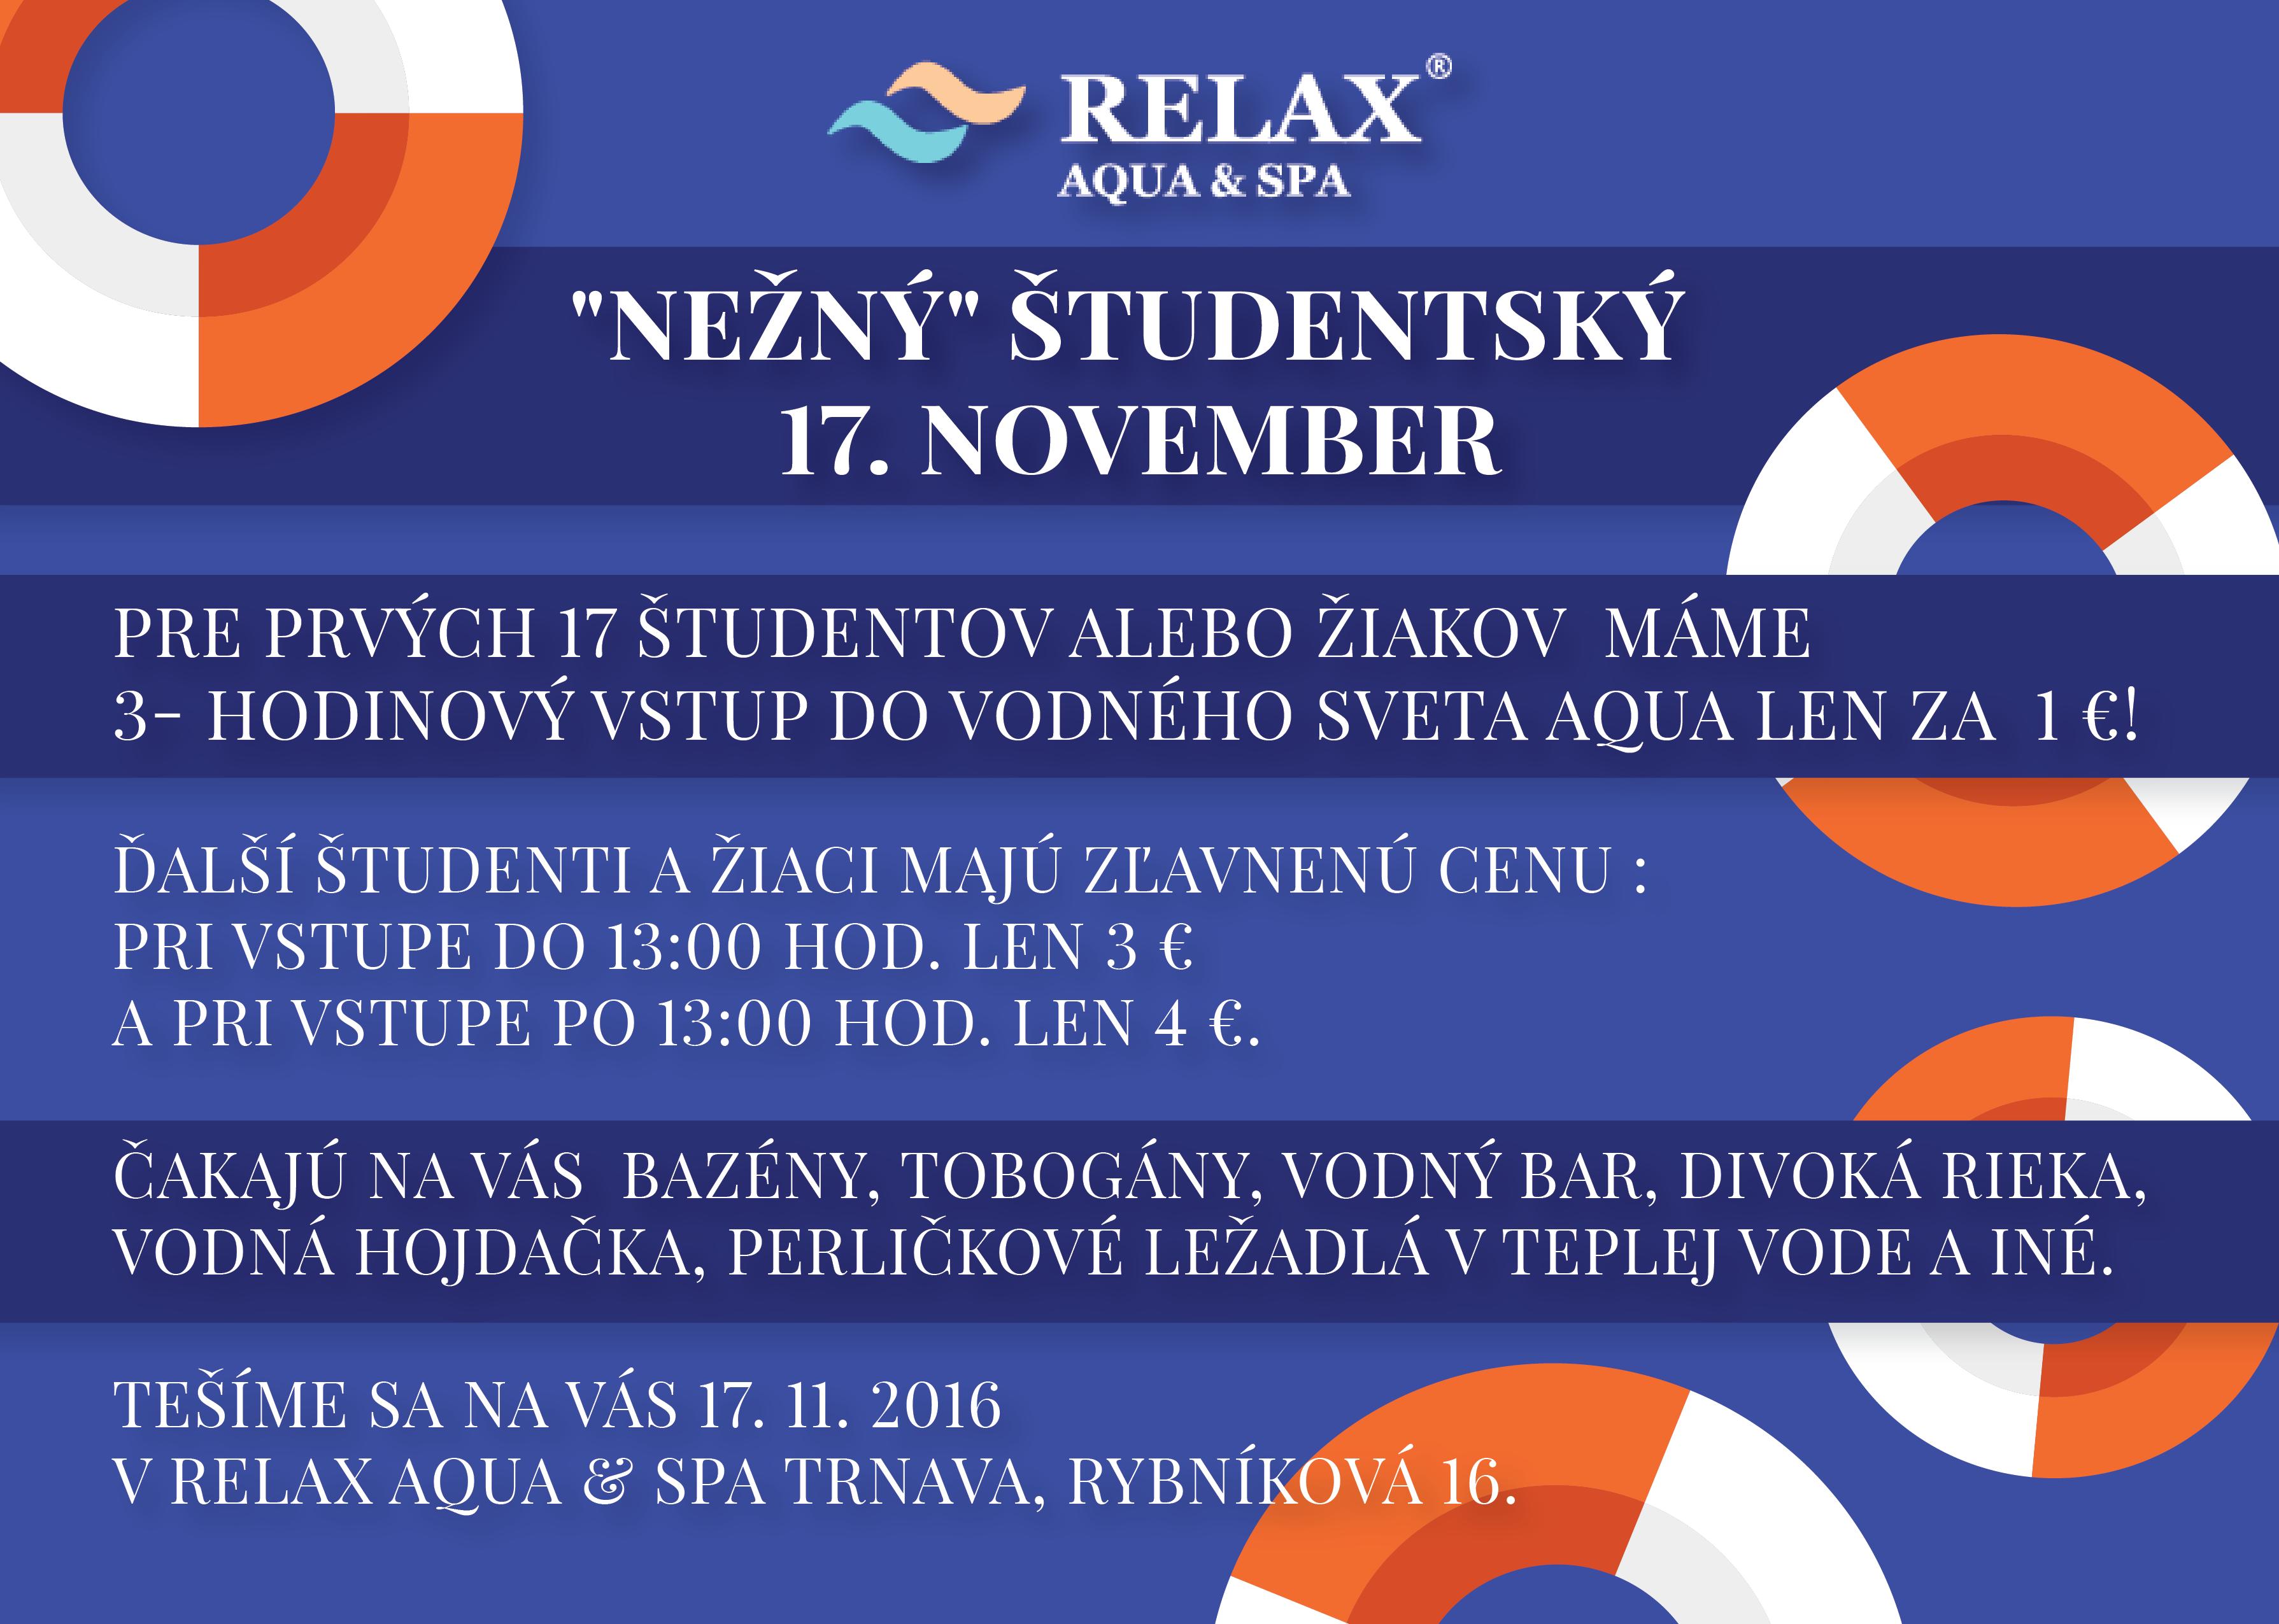 51daf3fb6 ... vstup do vodného sveta AQUA len 1 Eur :-)! Ďalší študenti / žiaci majú  zľavnenú cenu pri vstupe do 13:00 hod. len 3 Eur; po 13:00 hod. len 4 Eur.